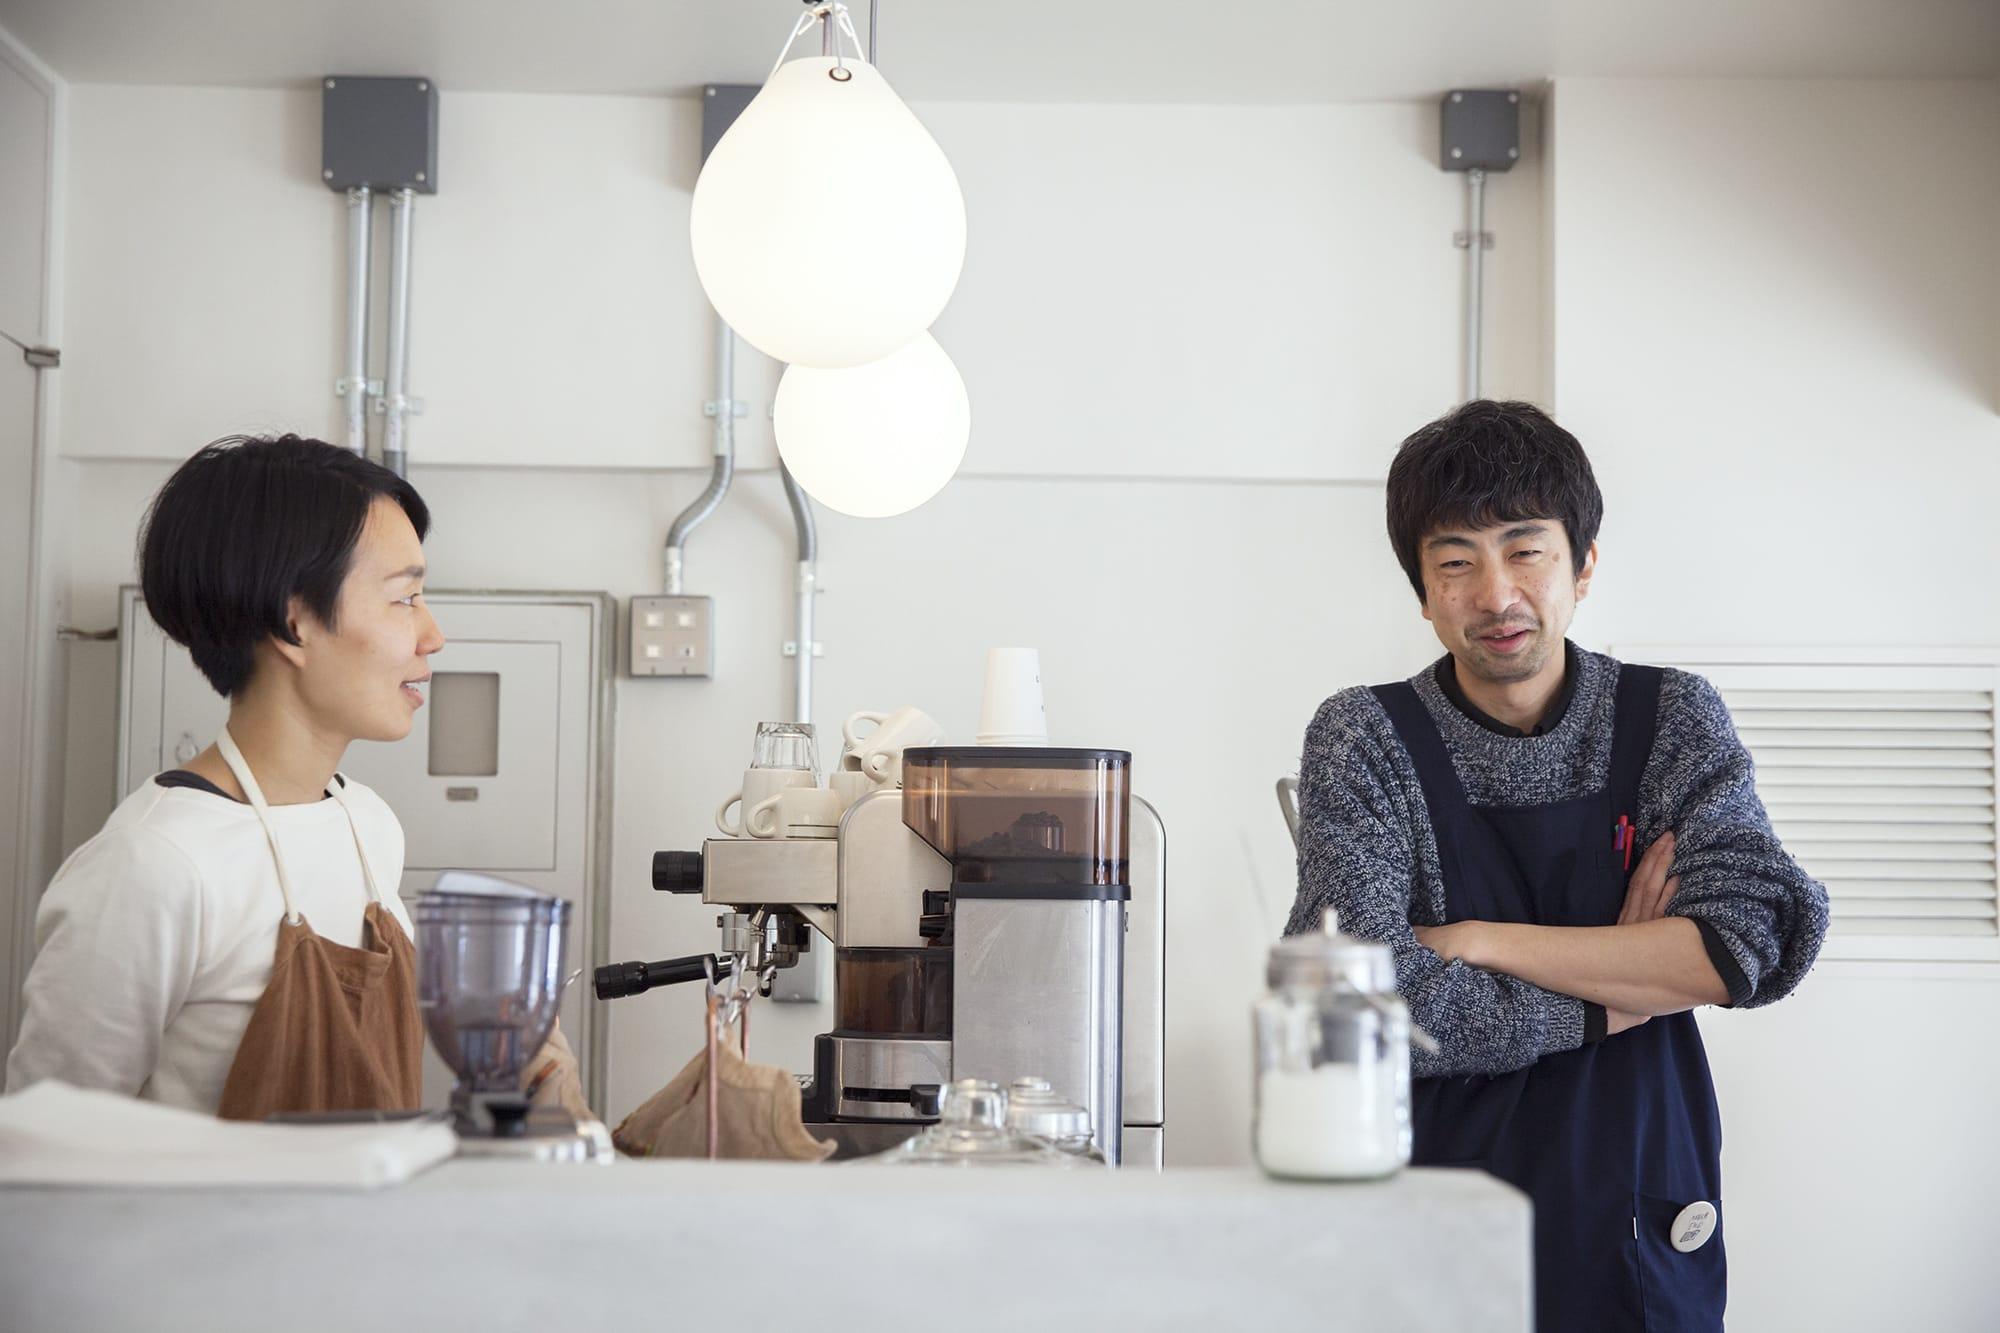 「SIXTH OR THIRD」の店主井上さん(左)と林さん。井上さんはイラストレーターとしても活動している。